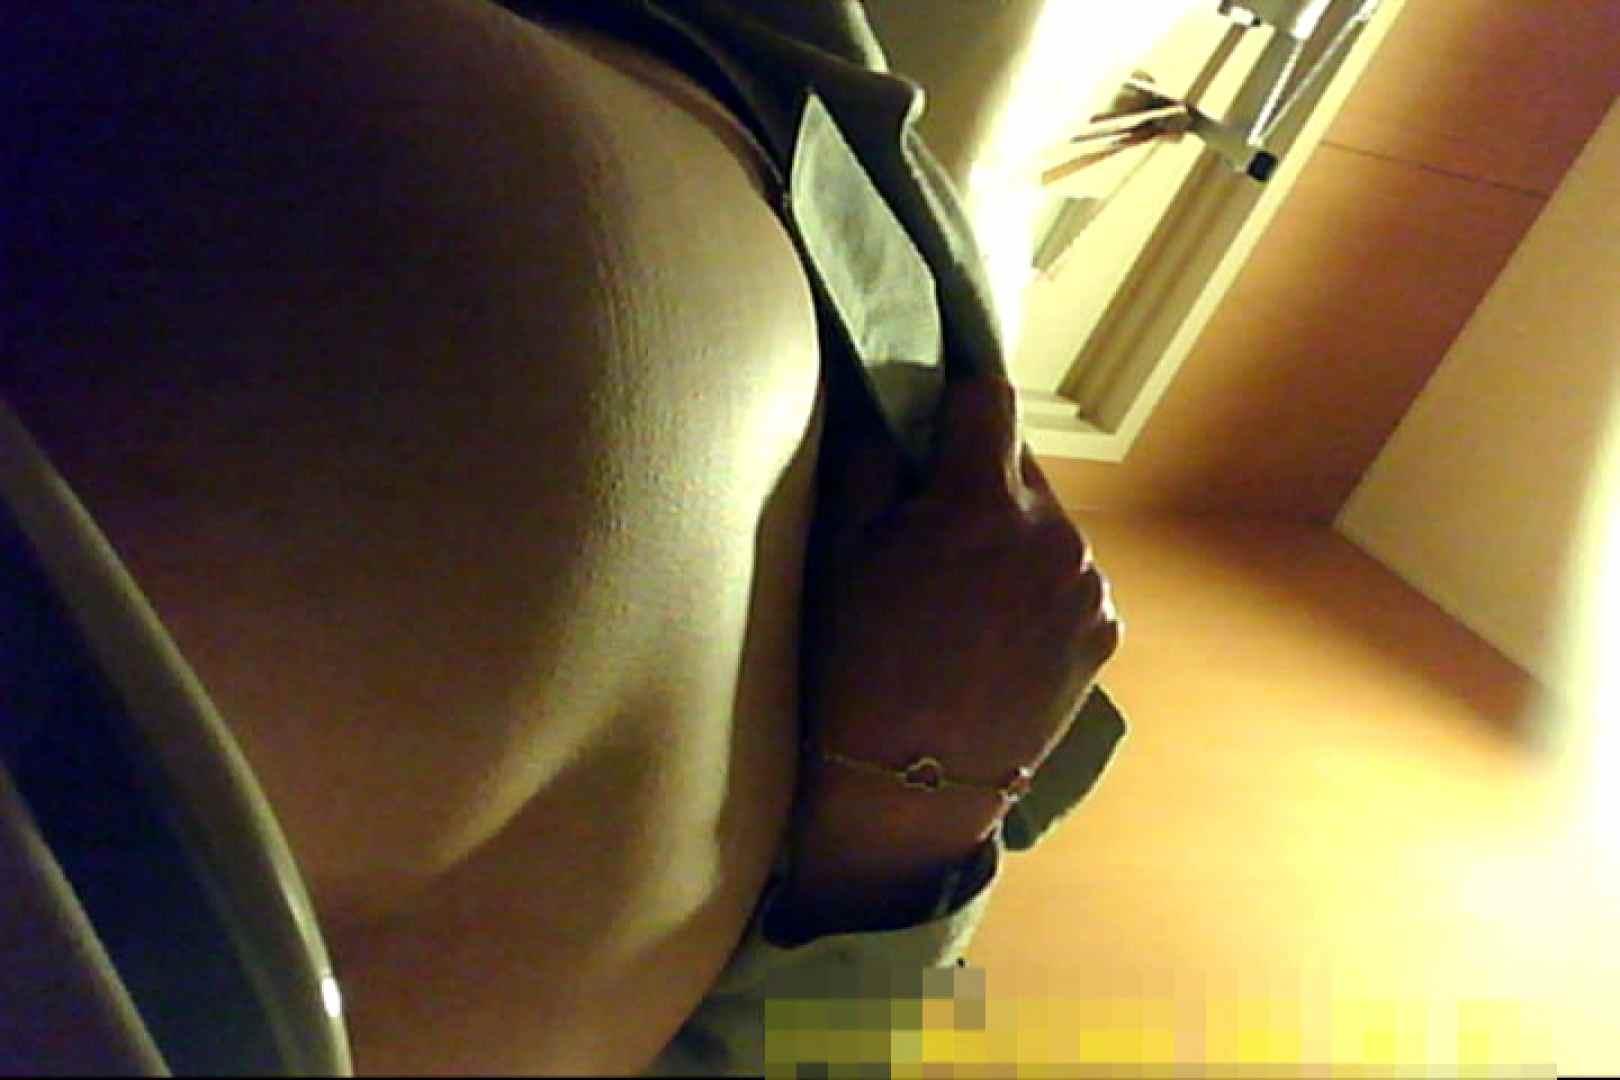 魅惑の化粧室~禁断のプライベート空間~29 独占盗撮 | プライベート  110連発 59